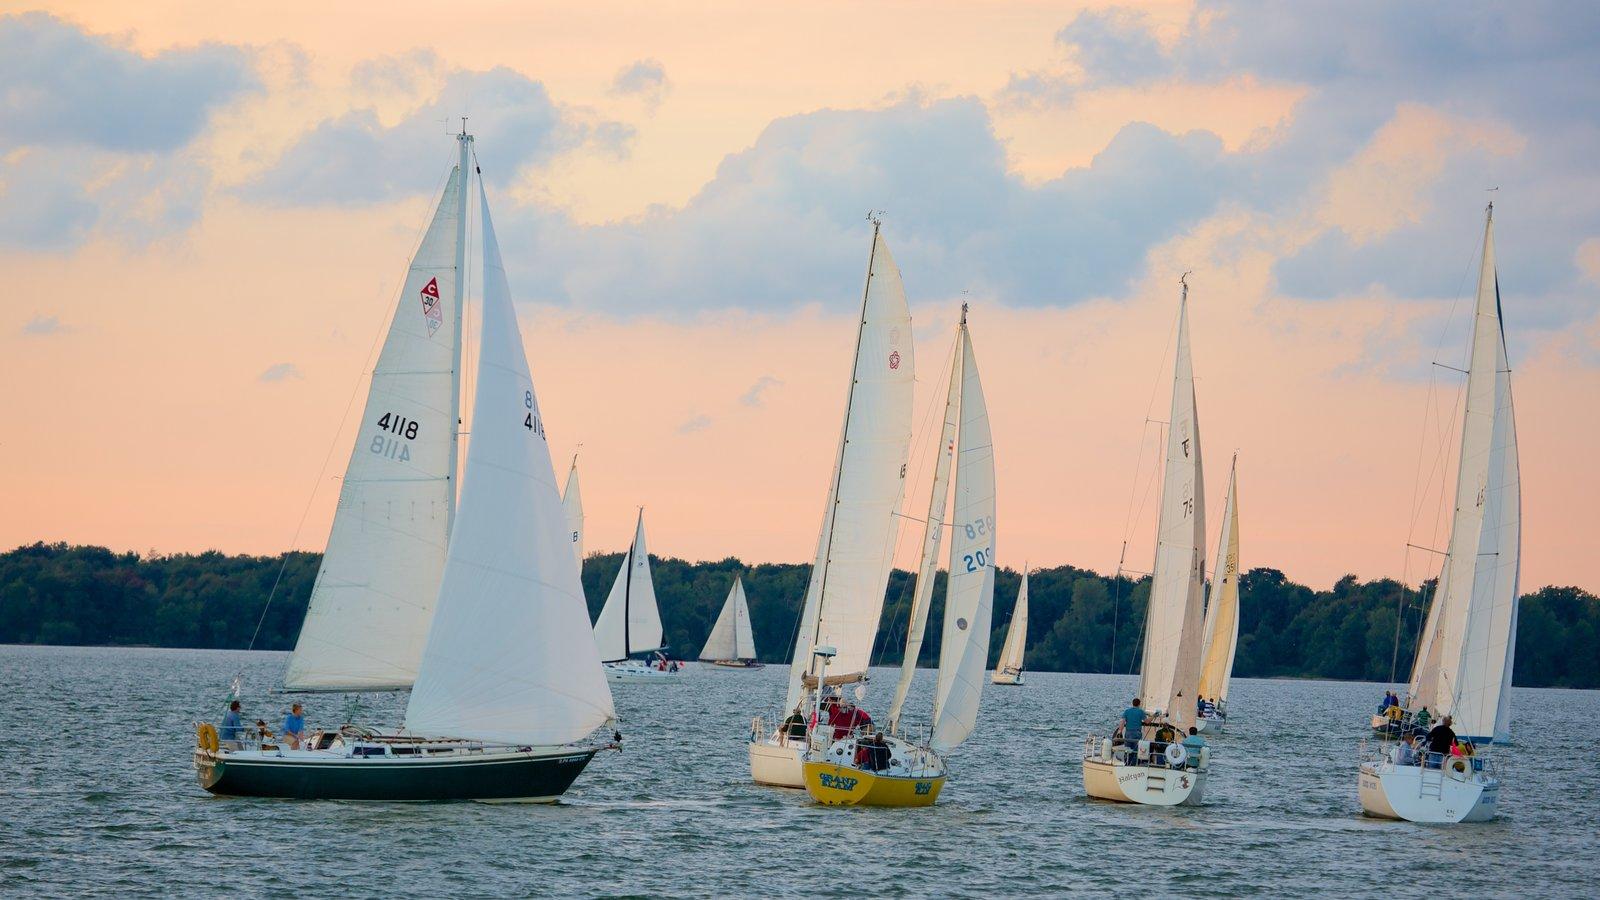 Erie que inclui um pôr do sol, um lago ou charco e vela